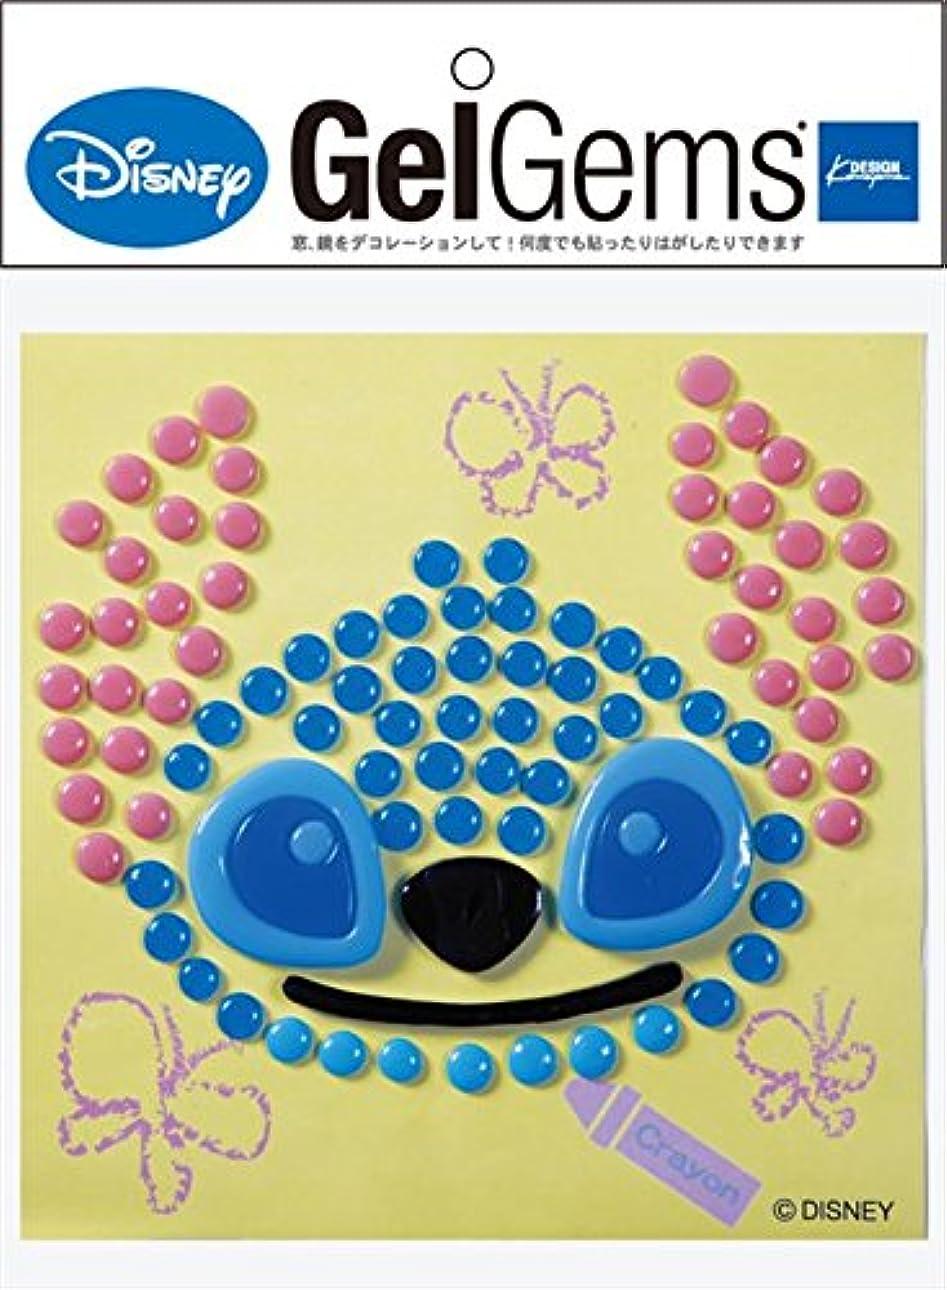 藤色融合つまらないディズニー(Disney) ジェルジェムディズニーバッグS 「 スティッチドット 」 E1050055